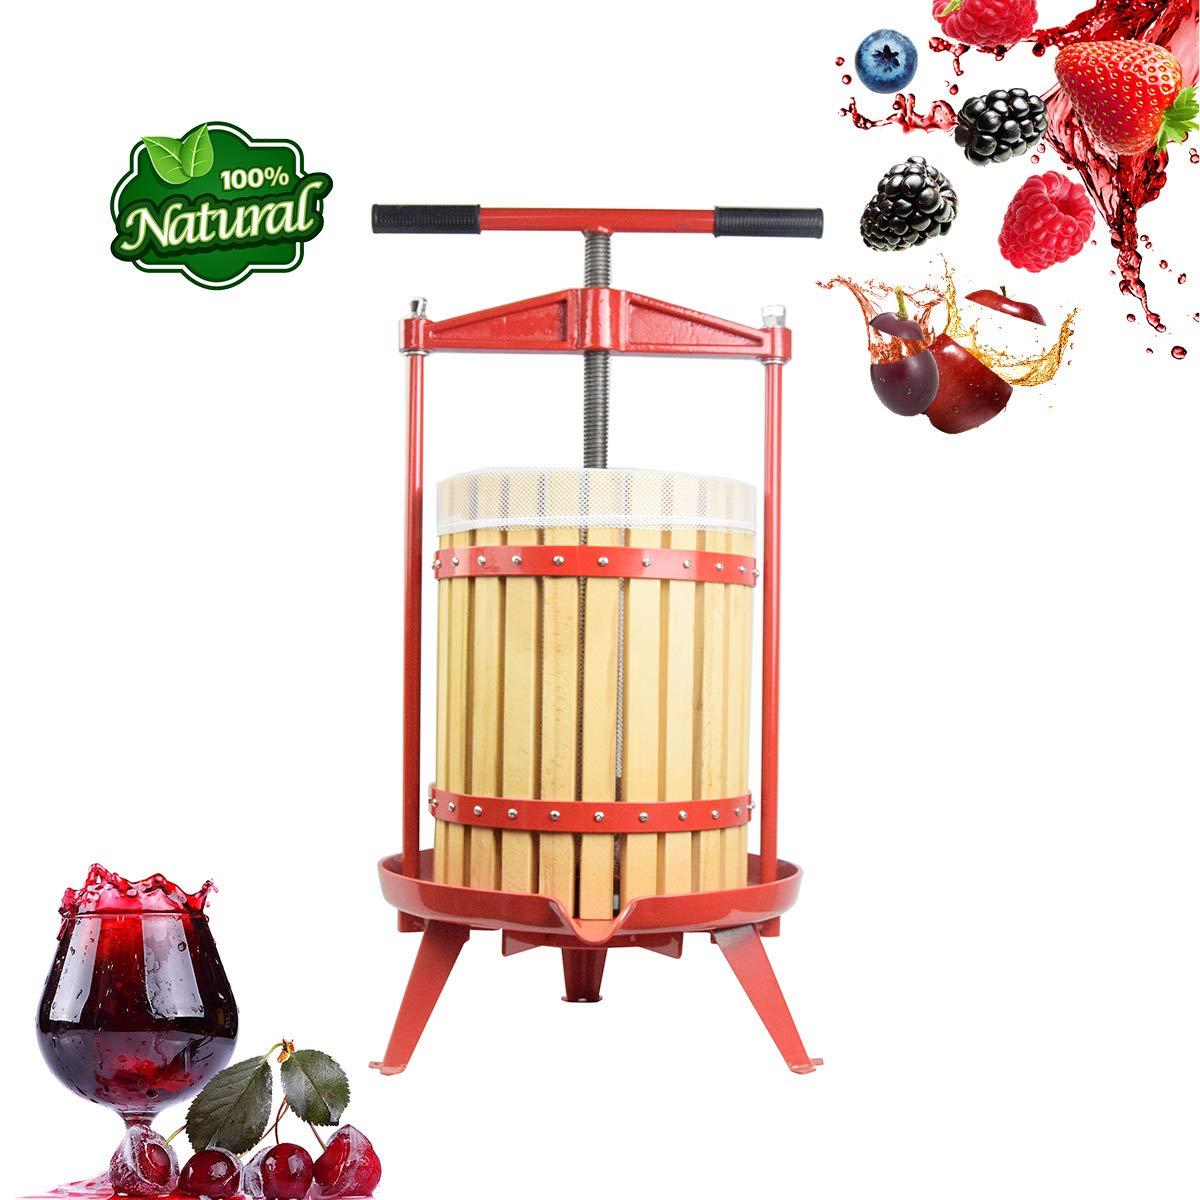 Fruit Wine Cider Press - Solid Wood Basket- 4.75 Gallon/18L-More Stable,Apple Grape Crusher for Juice Maker,Kitchen